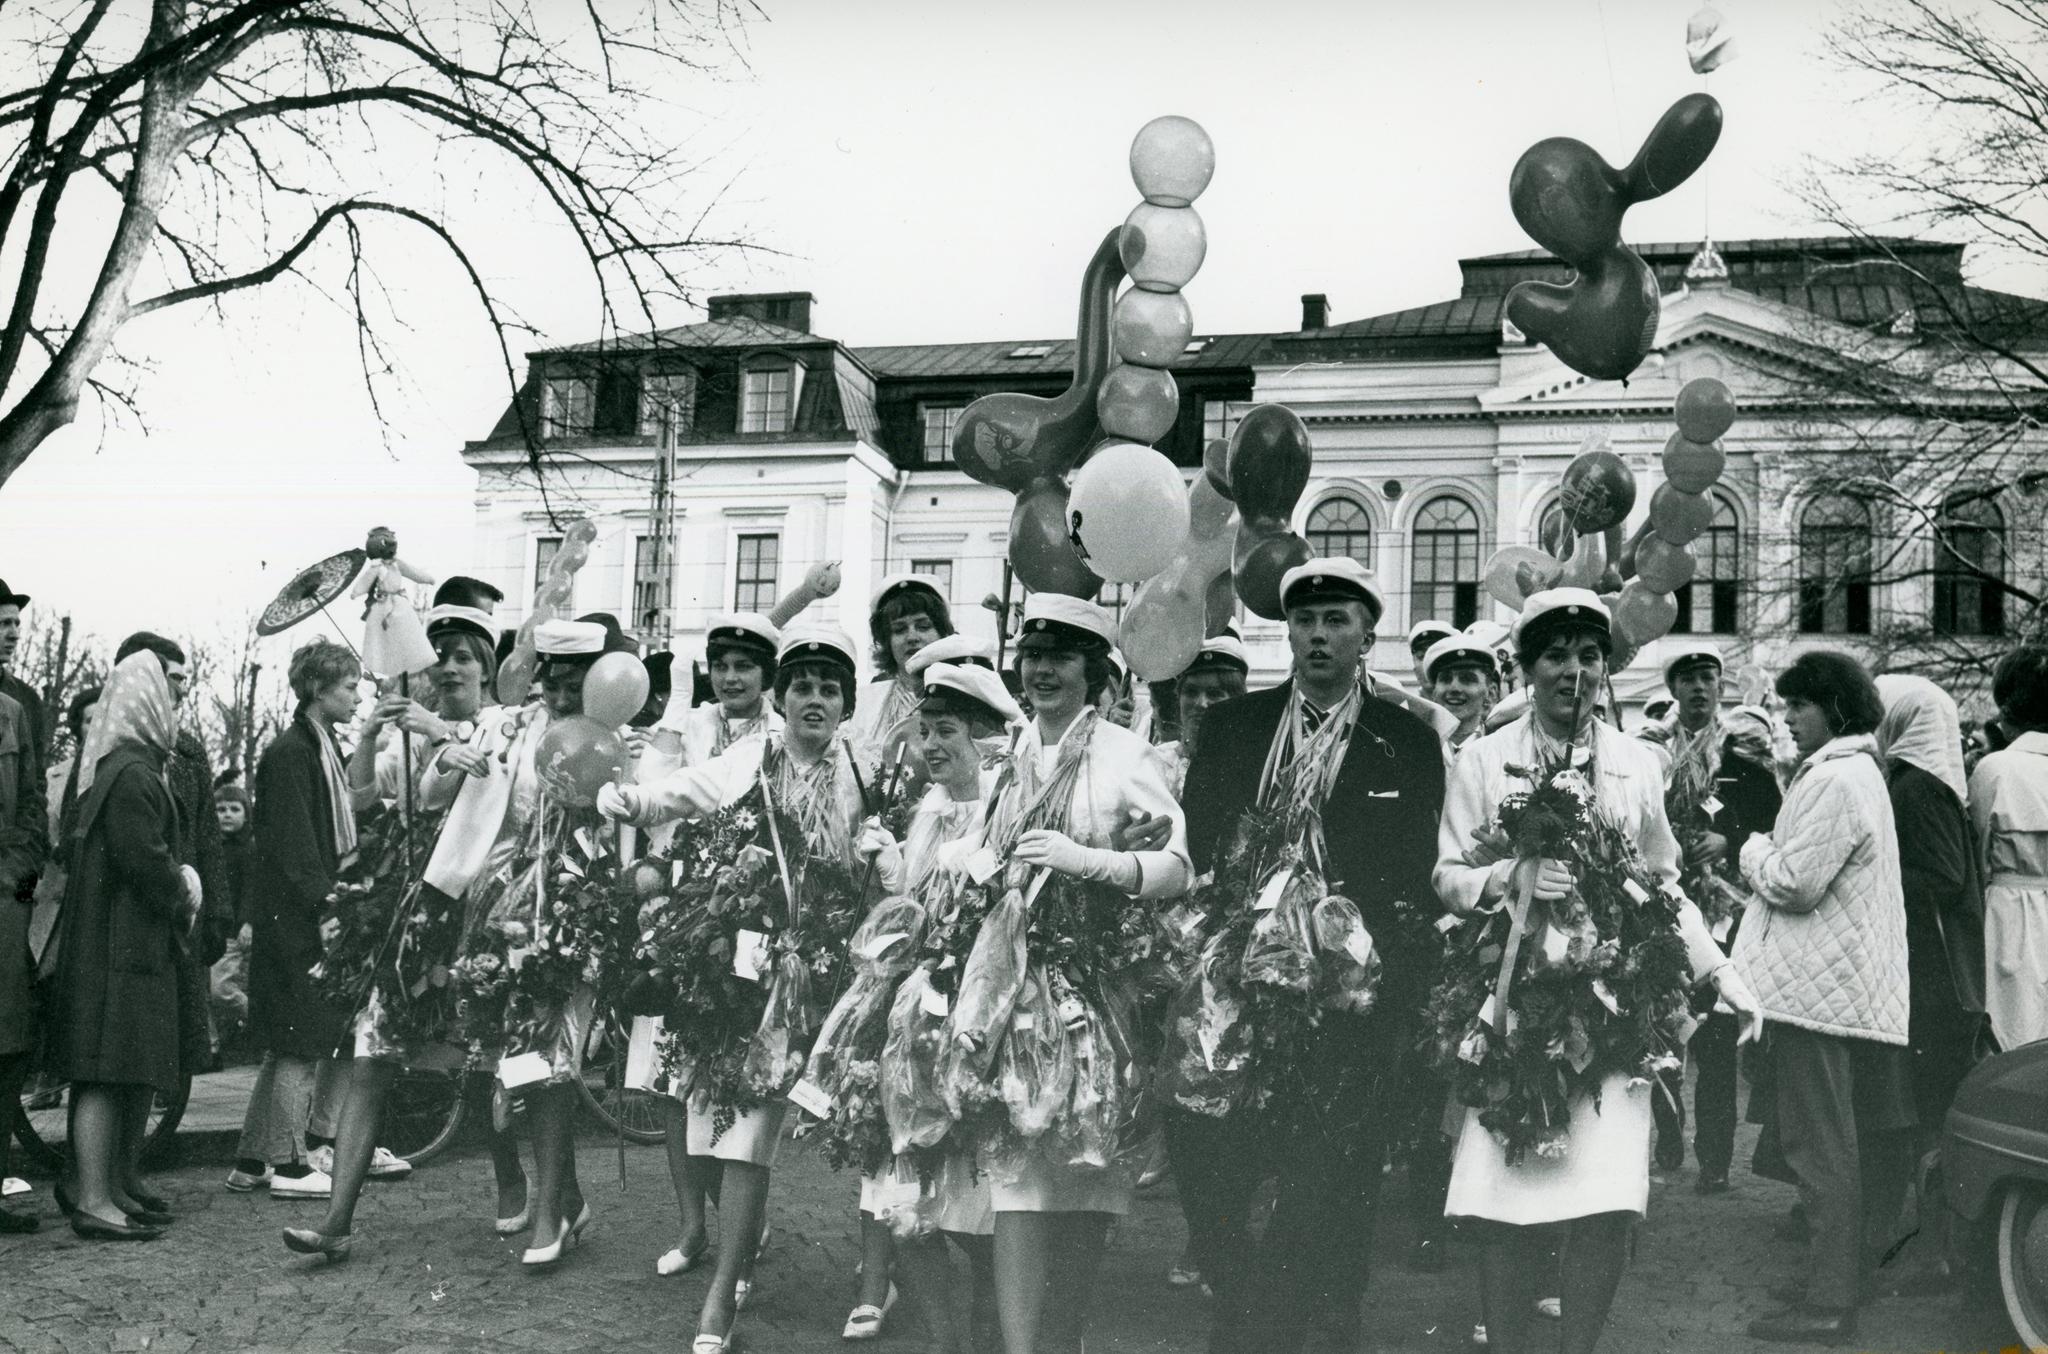 Studenter utanför Högre allmänna läroverket 1963. Foto: Sture Ryman. Ur Norrköpings stadsarkivs samlingar.